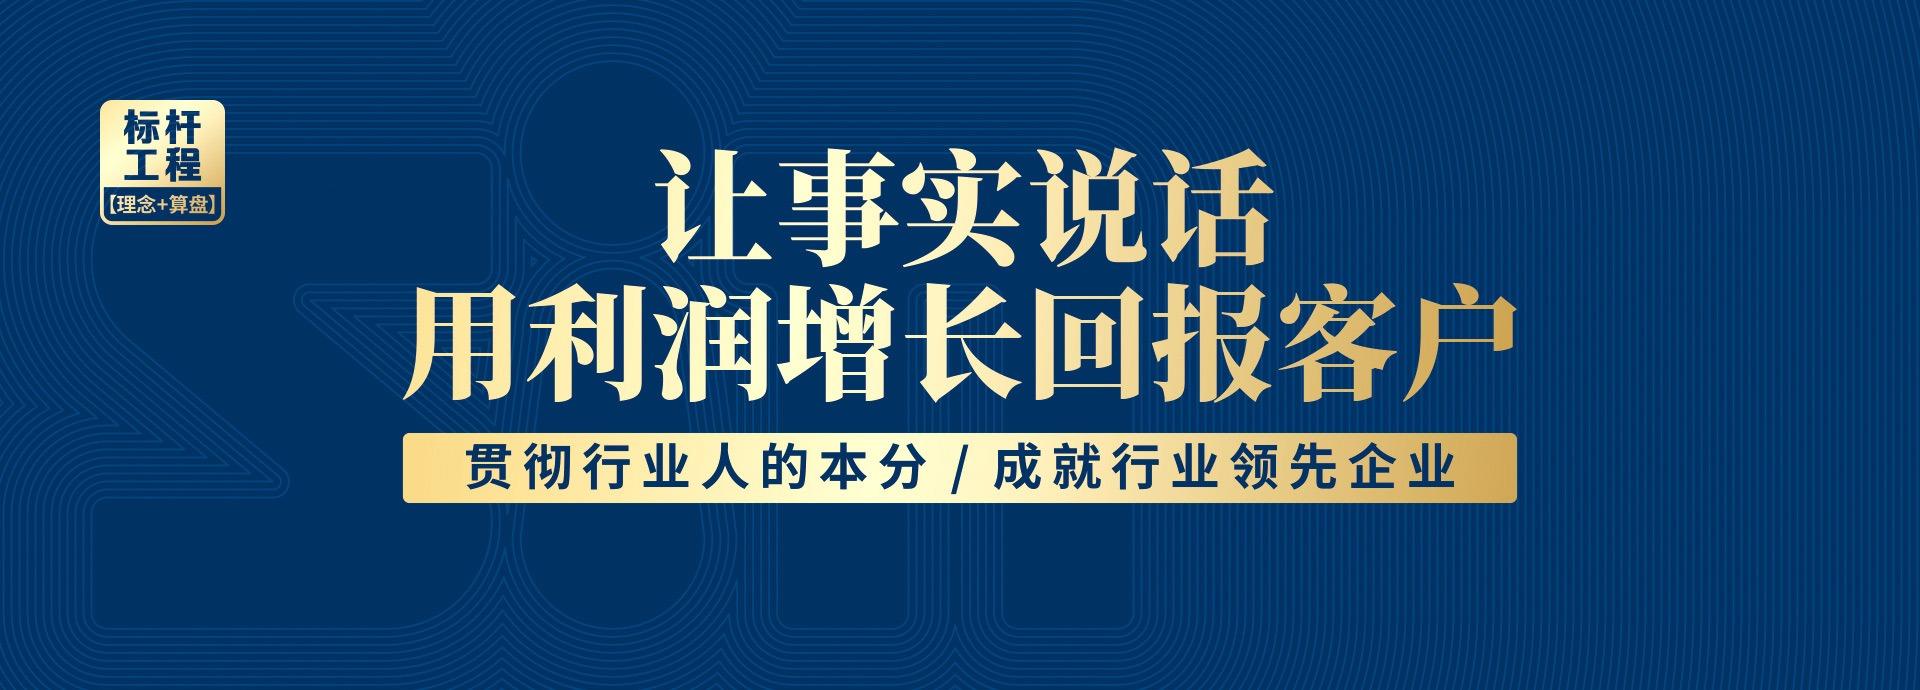 广州道成咨询-客户与案例-我们的客户banner